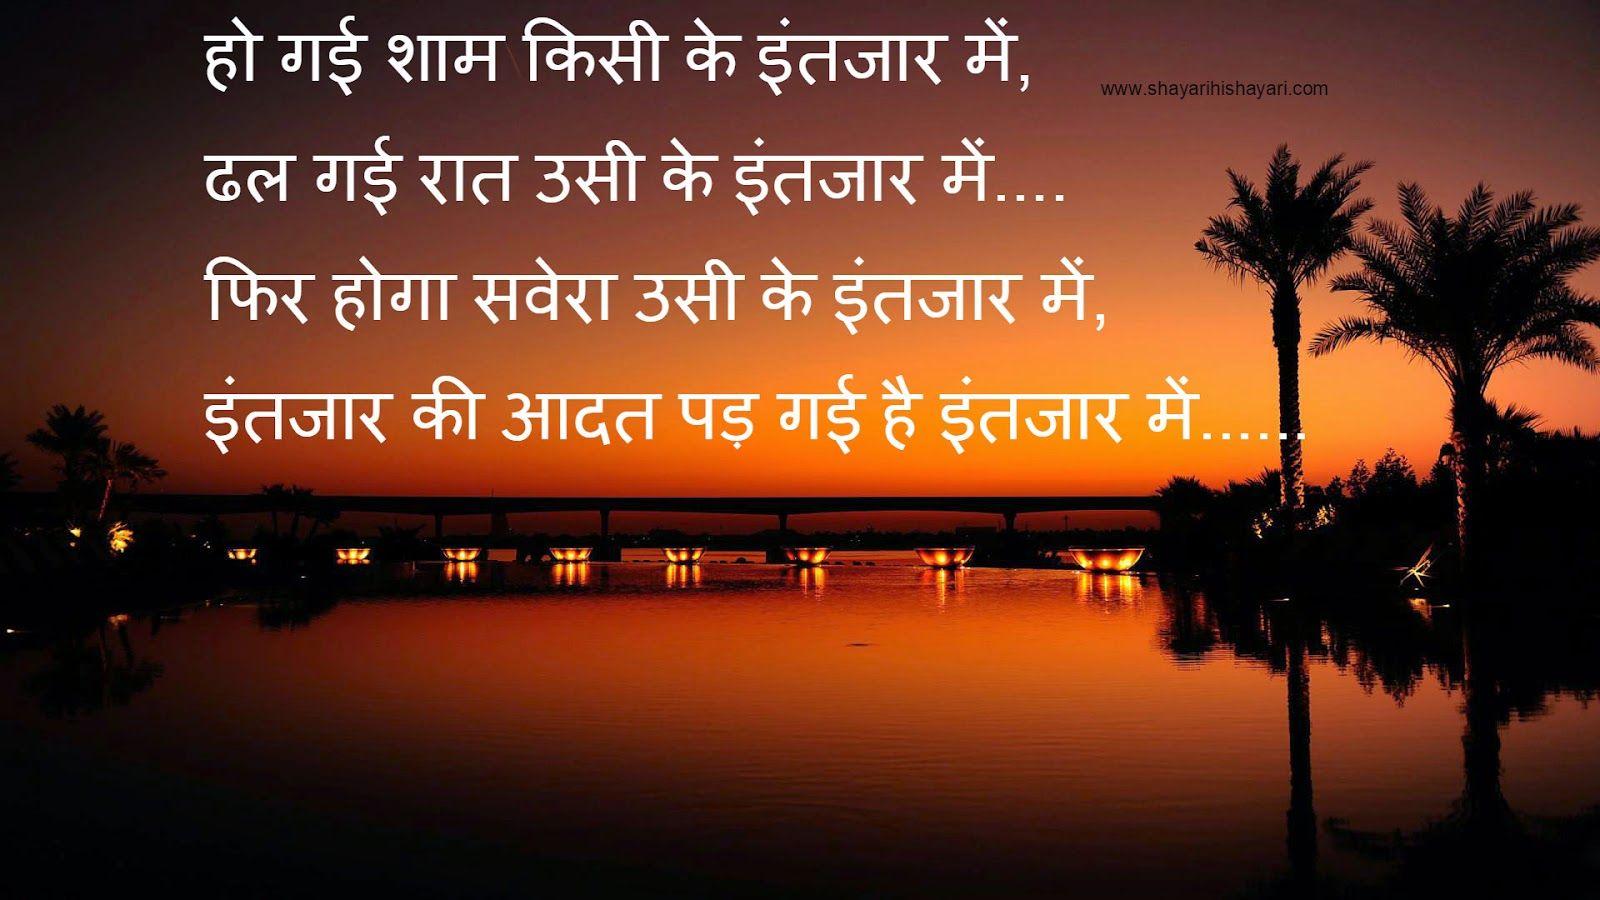 Good evening image hindi shayari